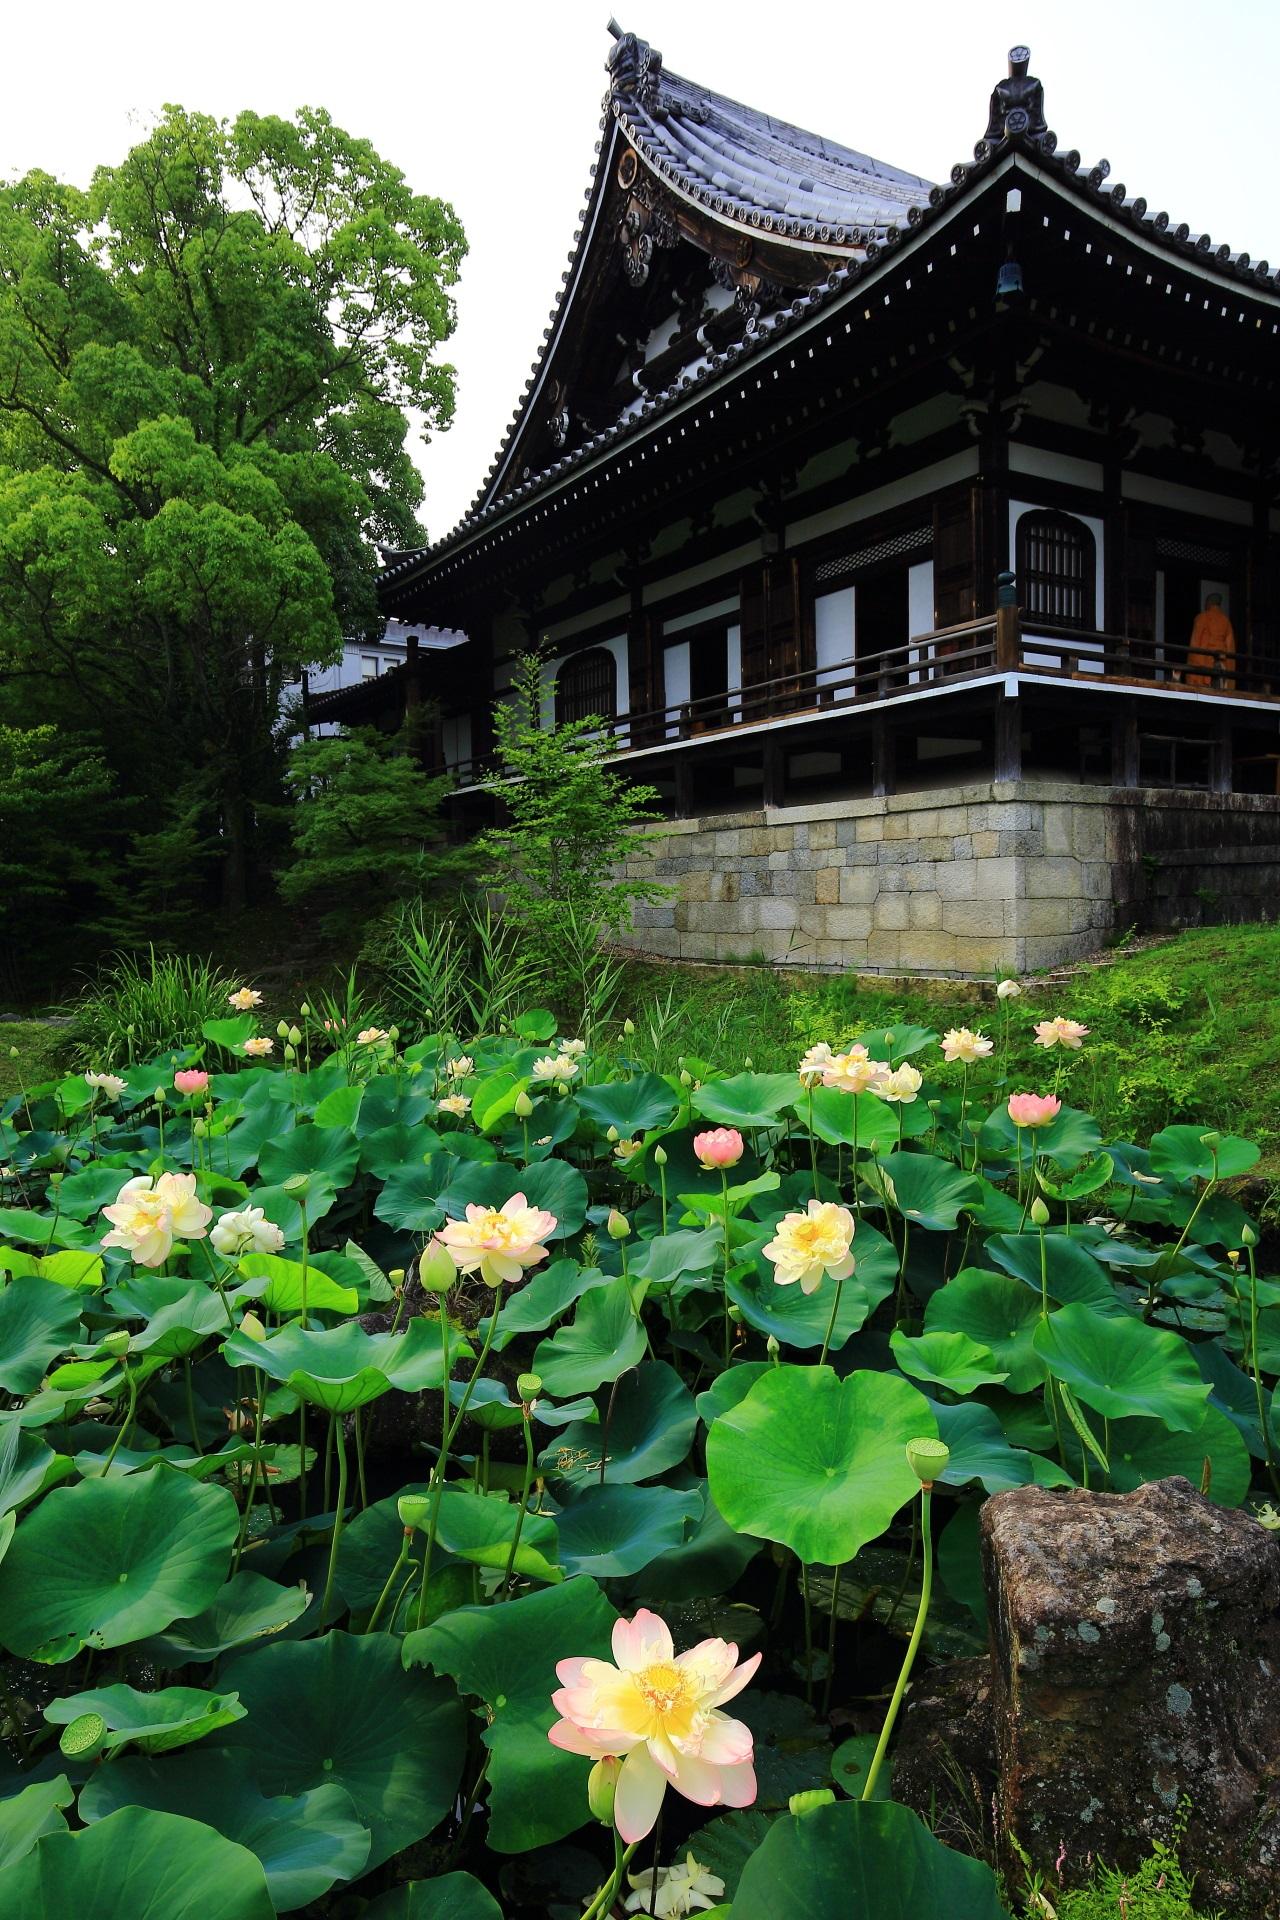 智積院の明王殿と緑の葉が美しさを引き立てる蓮池のハスの花